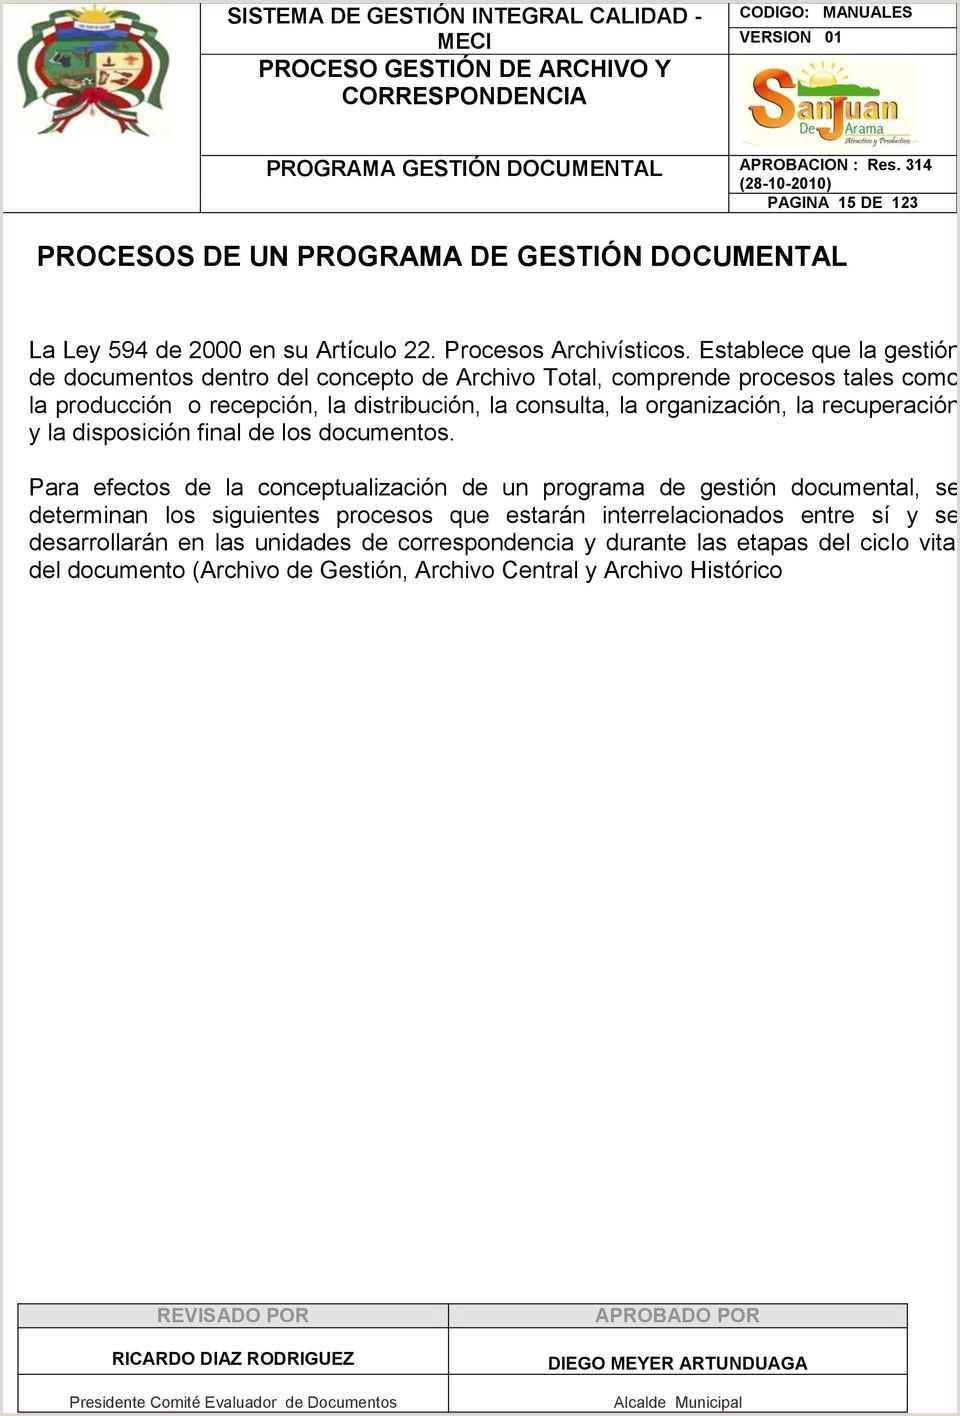 """Formato De Hoja De Vida Dafp En Word Sistema De Gesti""""n Integral Calidad Meci Proceso Gesti""""n"""